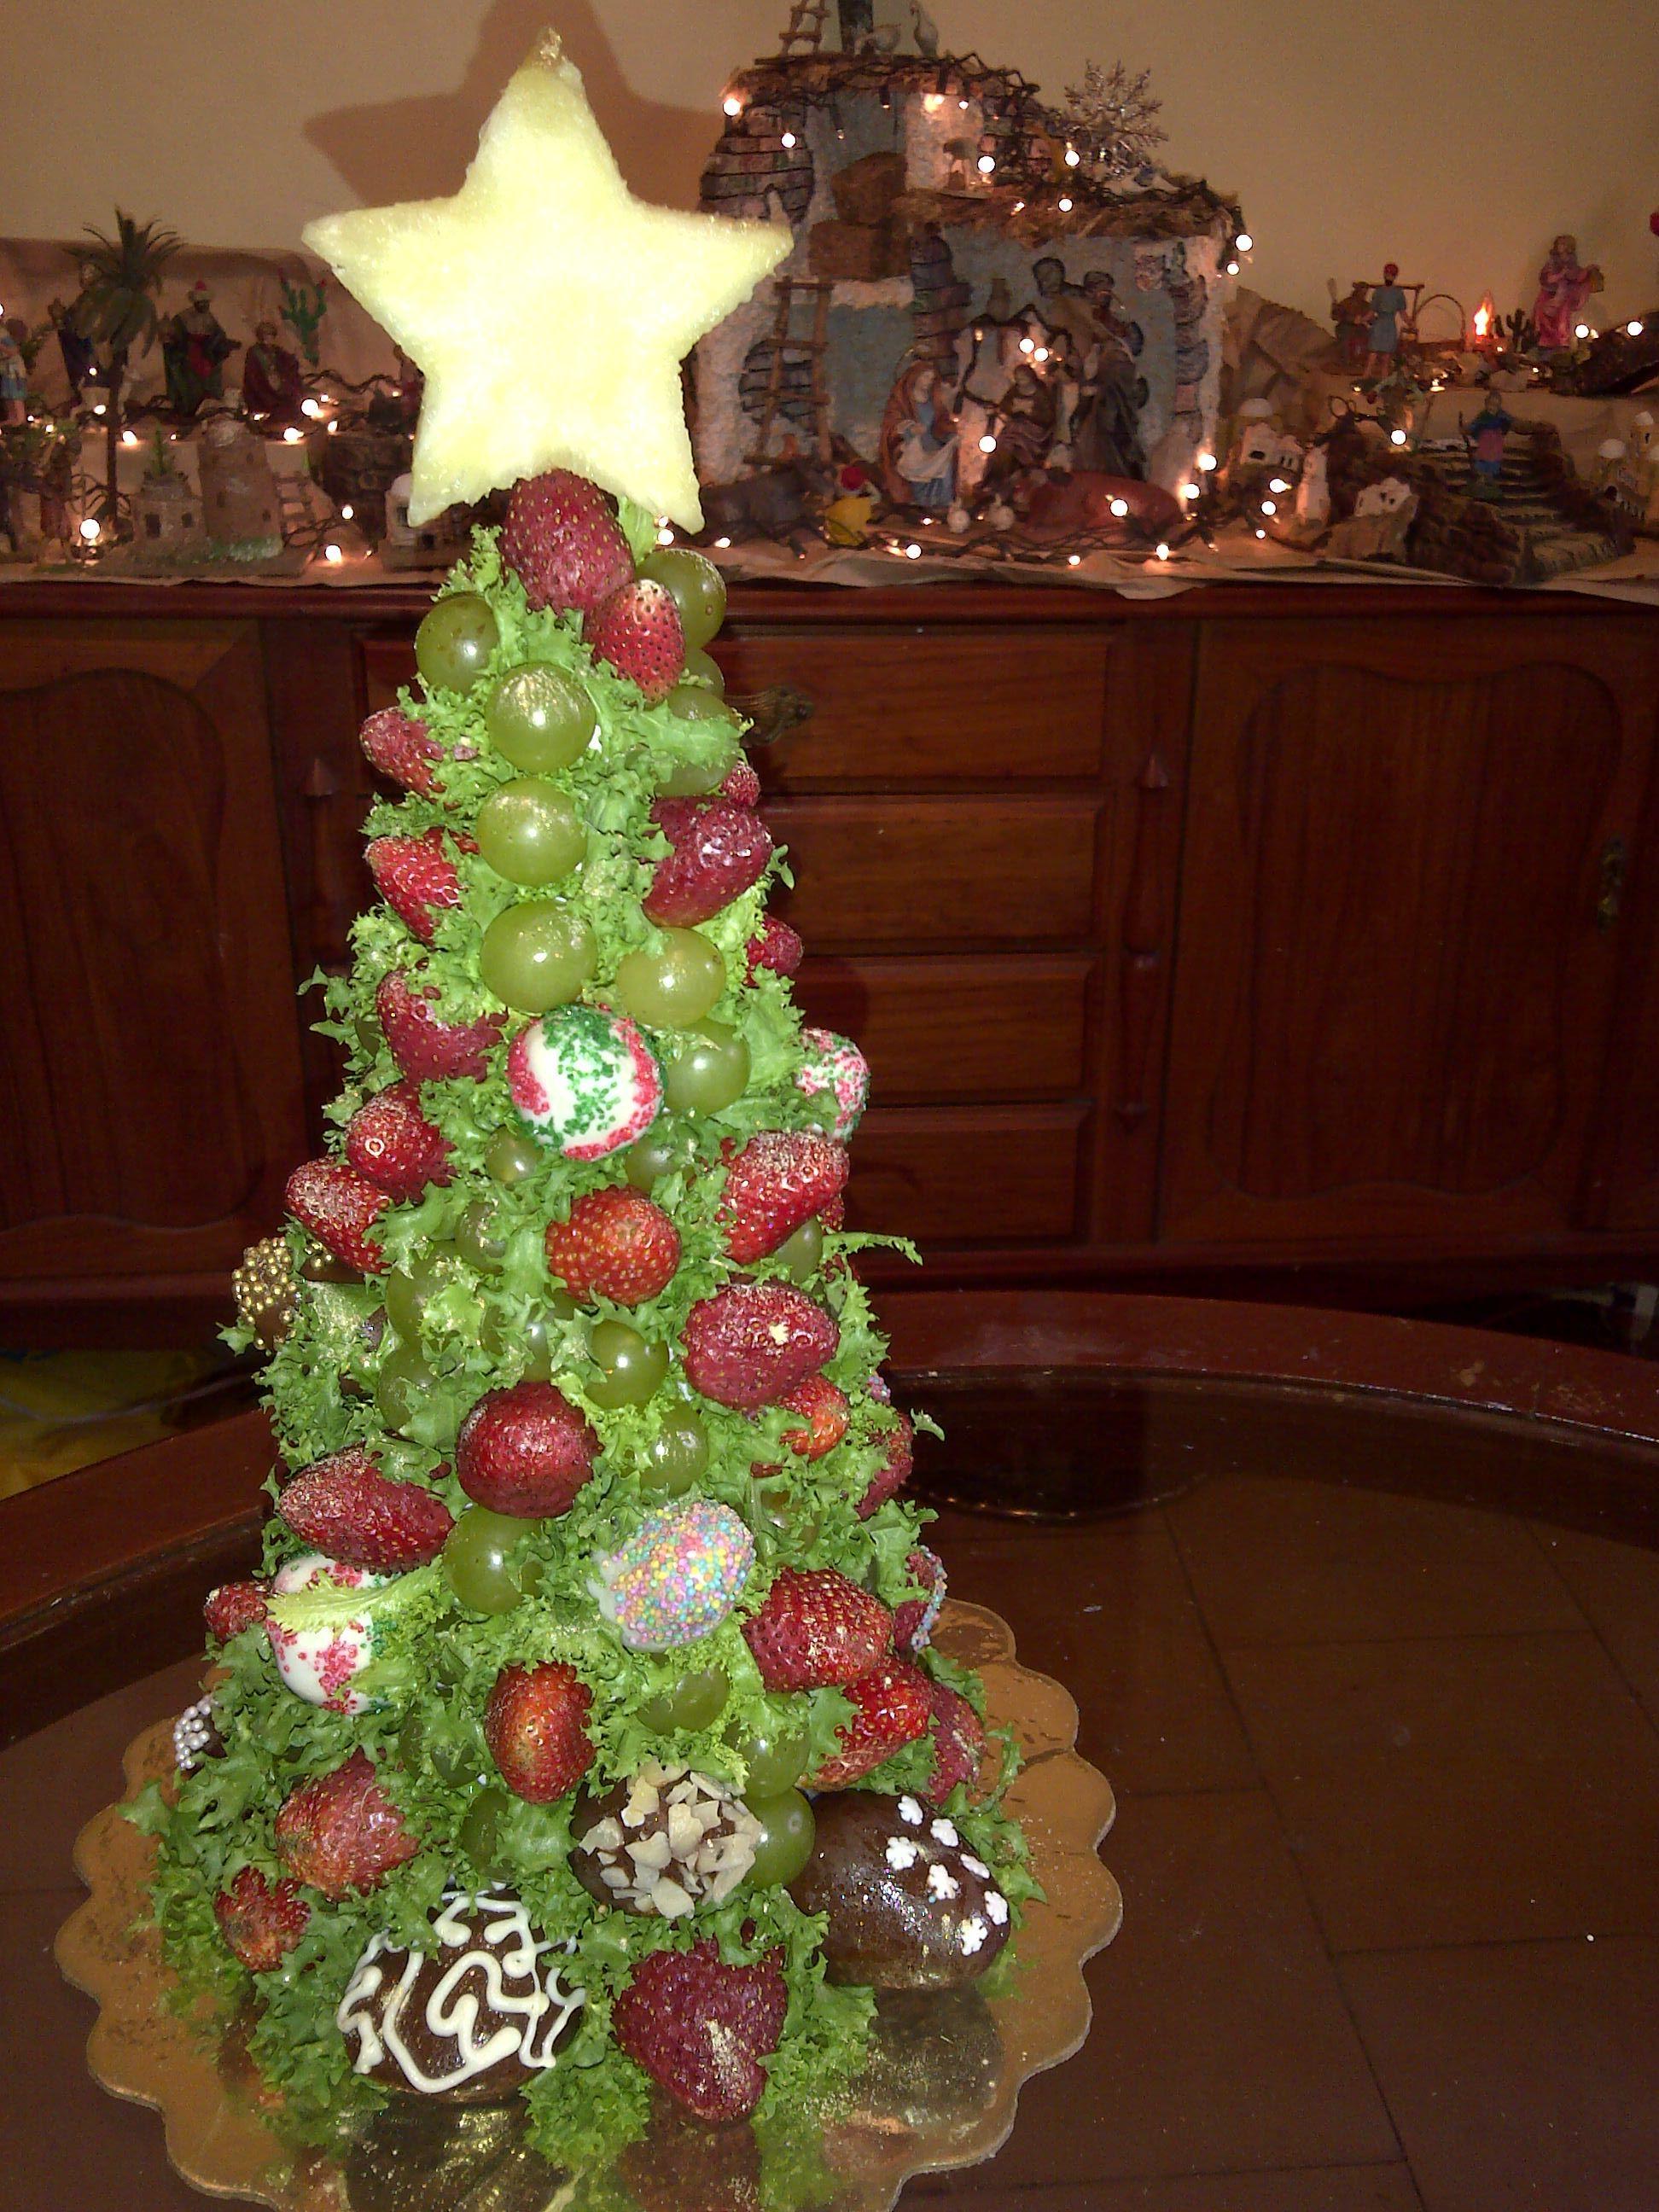 Perfecto para decorar la mesa en la cena navide a fresas - Decorar pinas naturales ...